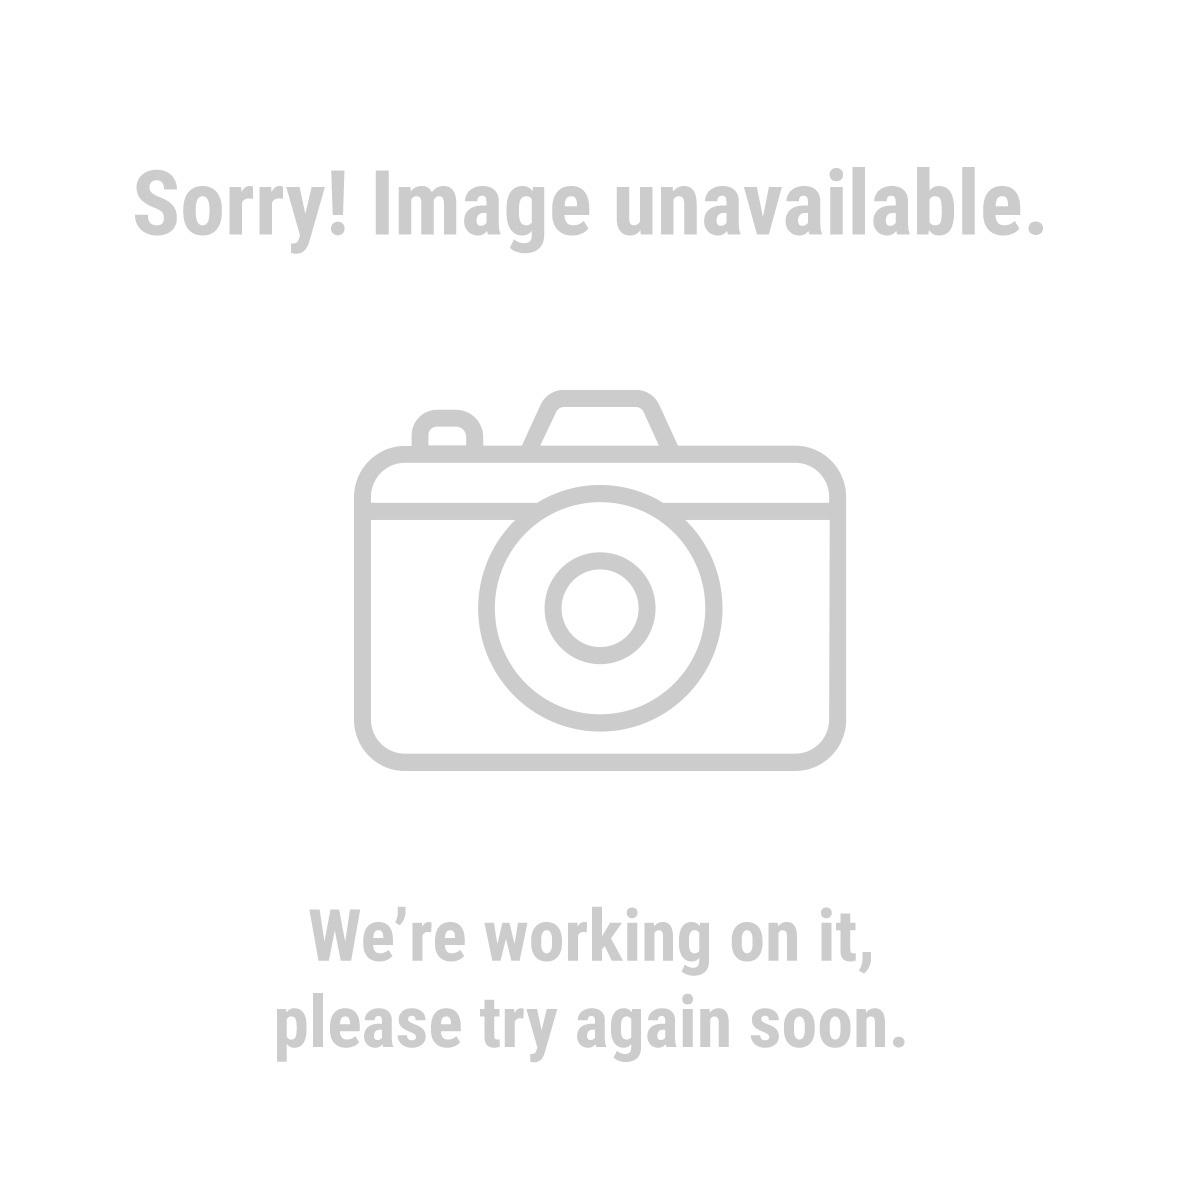 3 In 1 Electric Blower Vacuum Mulcher